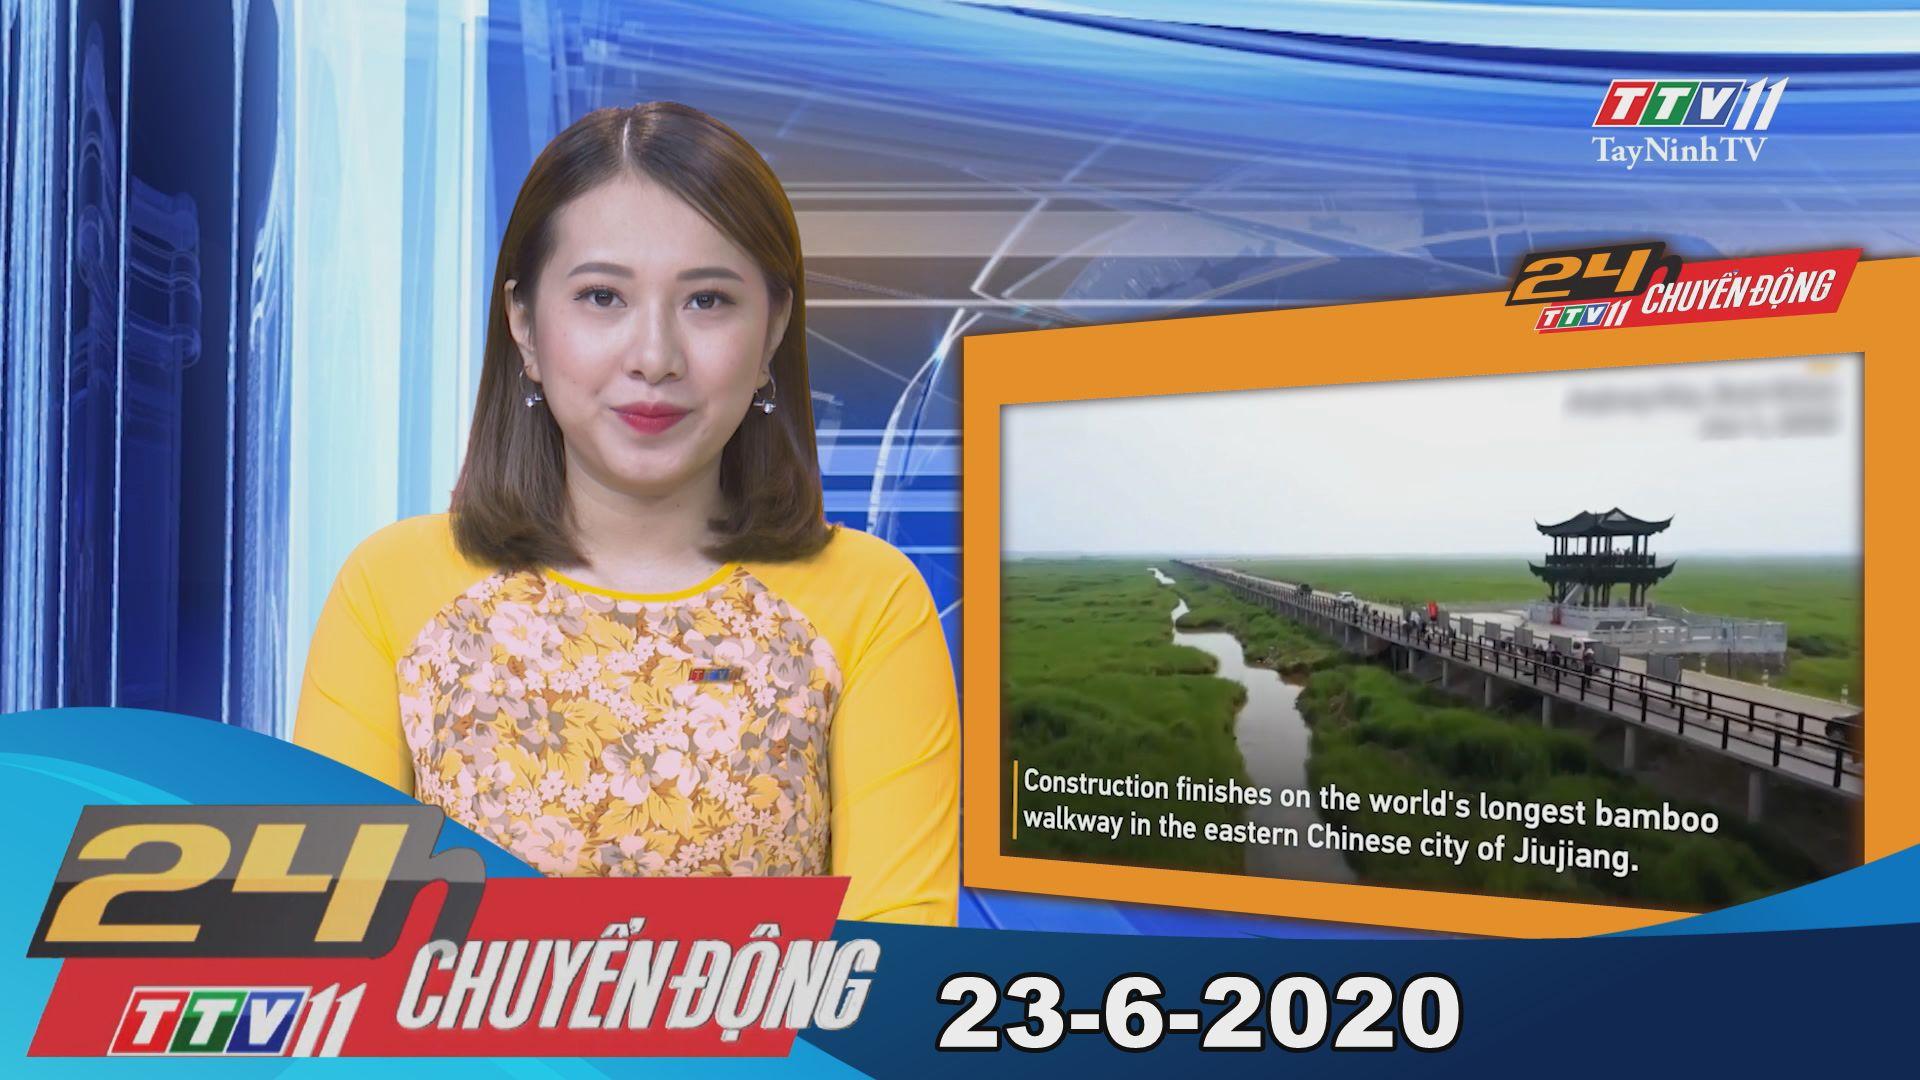 24h Chuyển động 23-6-2020 | Tin tức hôm nay | TayNinhTV